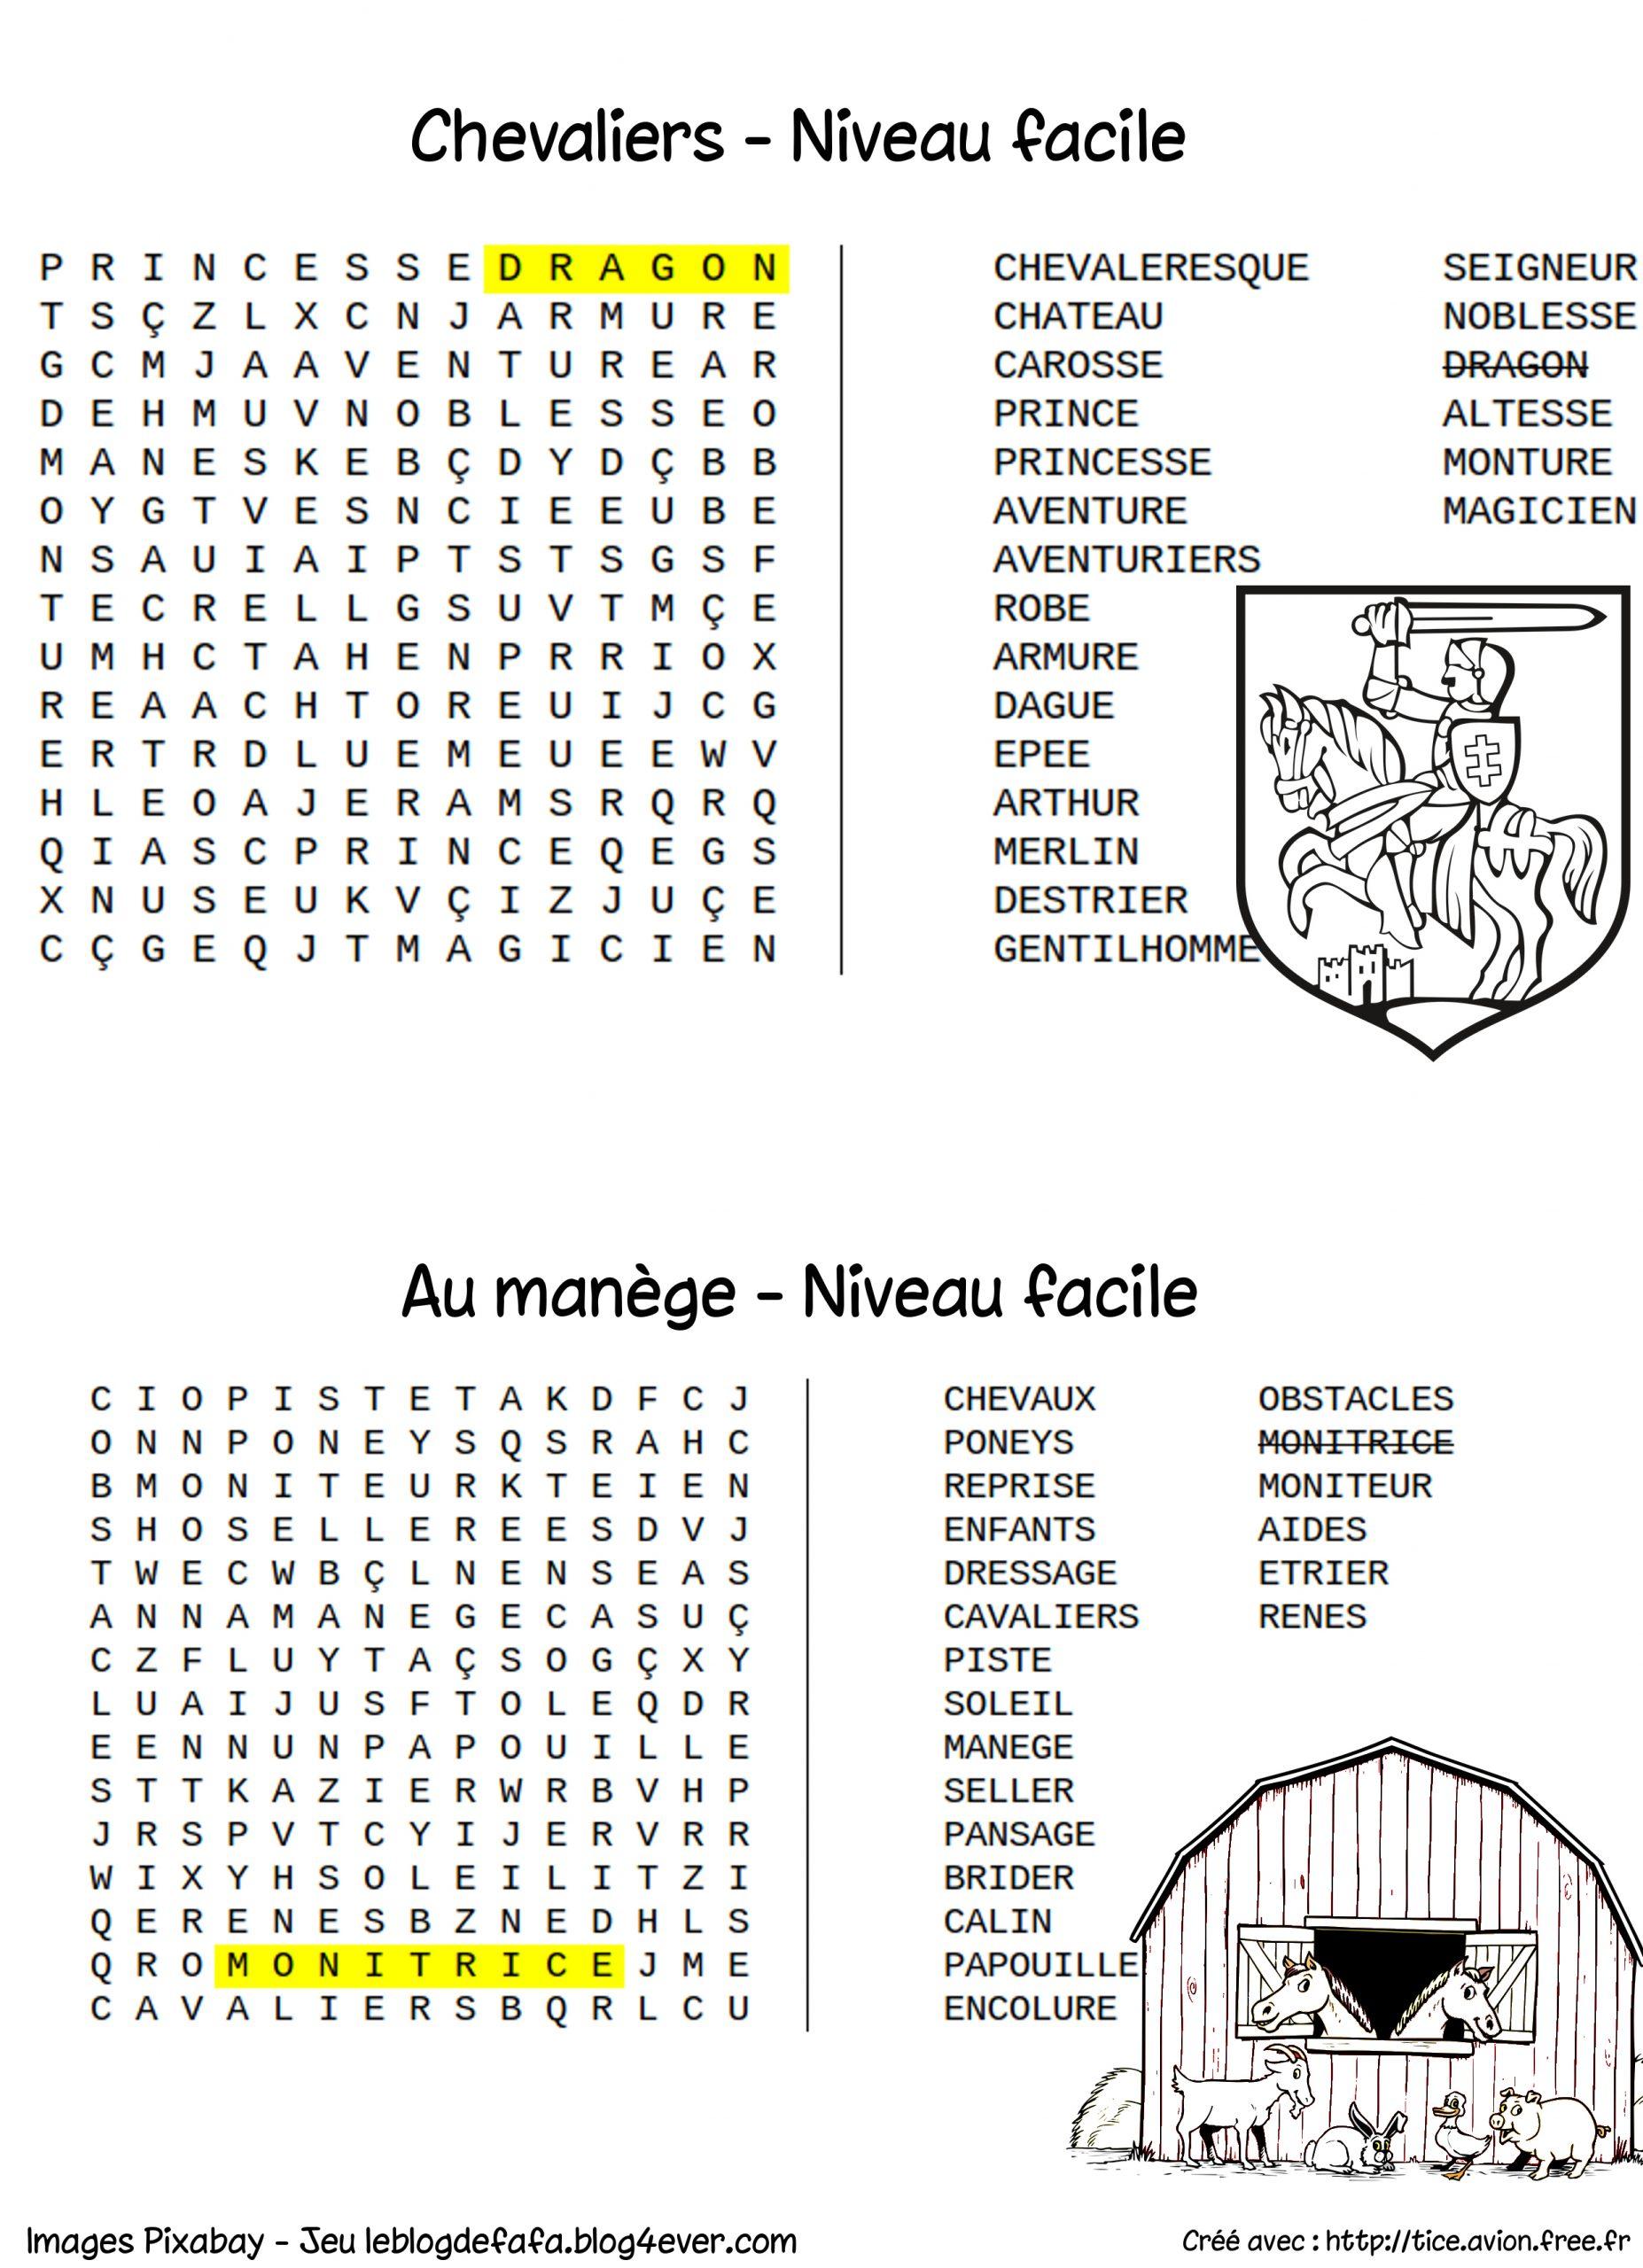 Mots Mêlés Gratuits À Imprimer Cheval Et Équitation (Nouveau encequiconcerne Mots Croisés Faciles À Imprimer Gratuitement